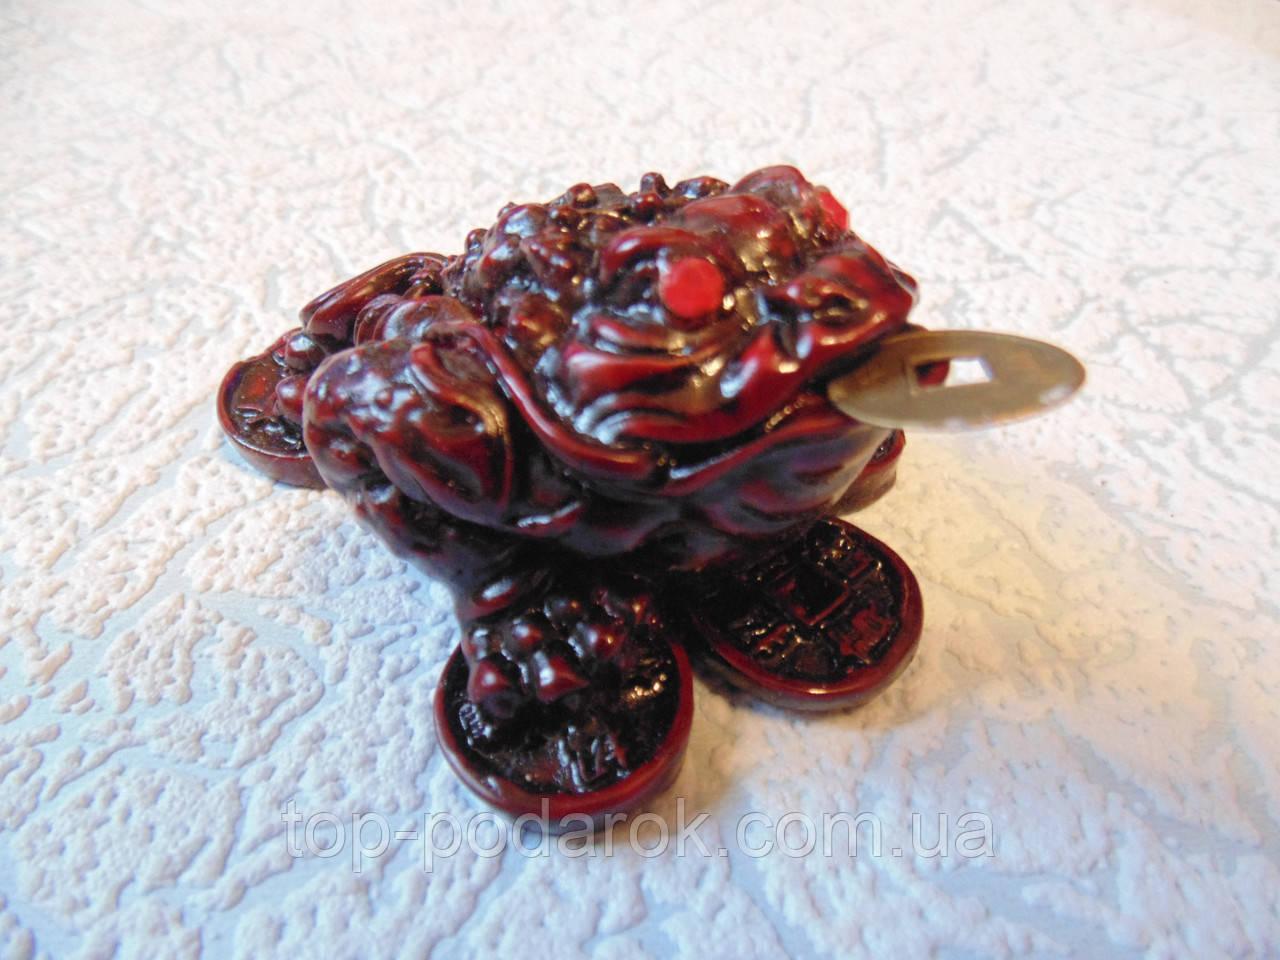 Статуэтка Денежная лягушка размер 7*6*4 см